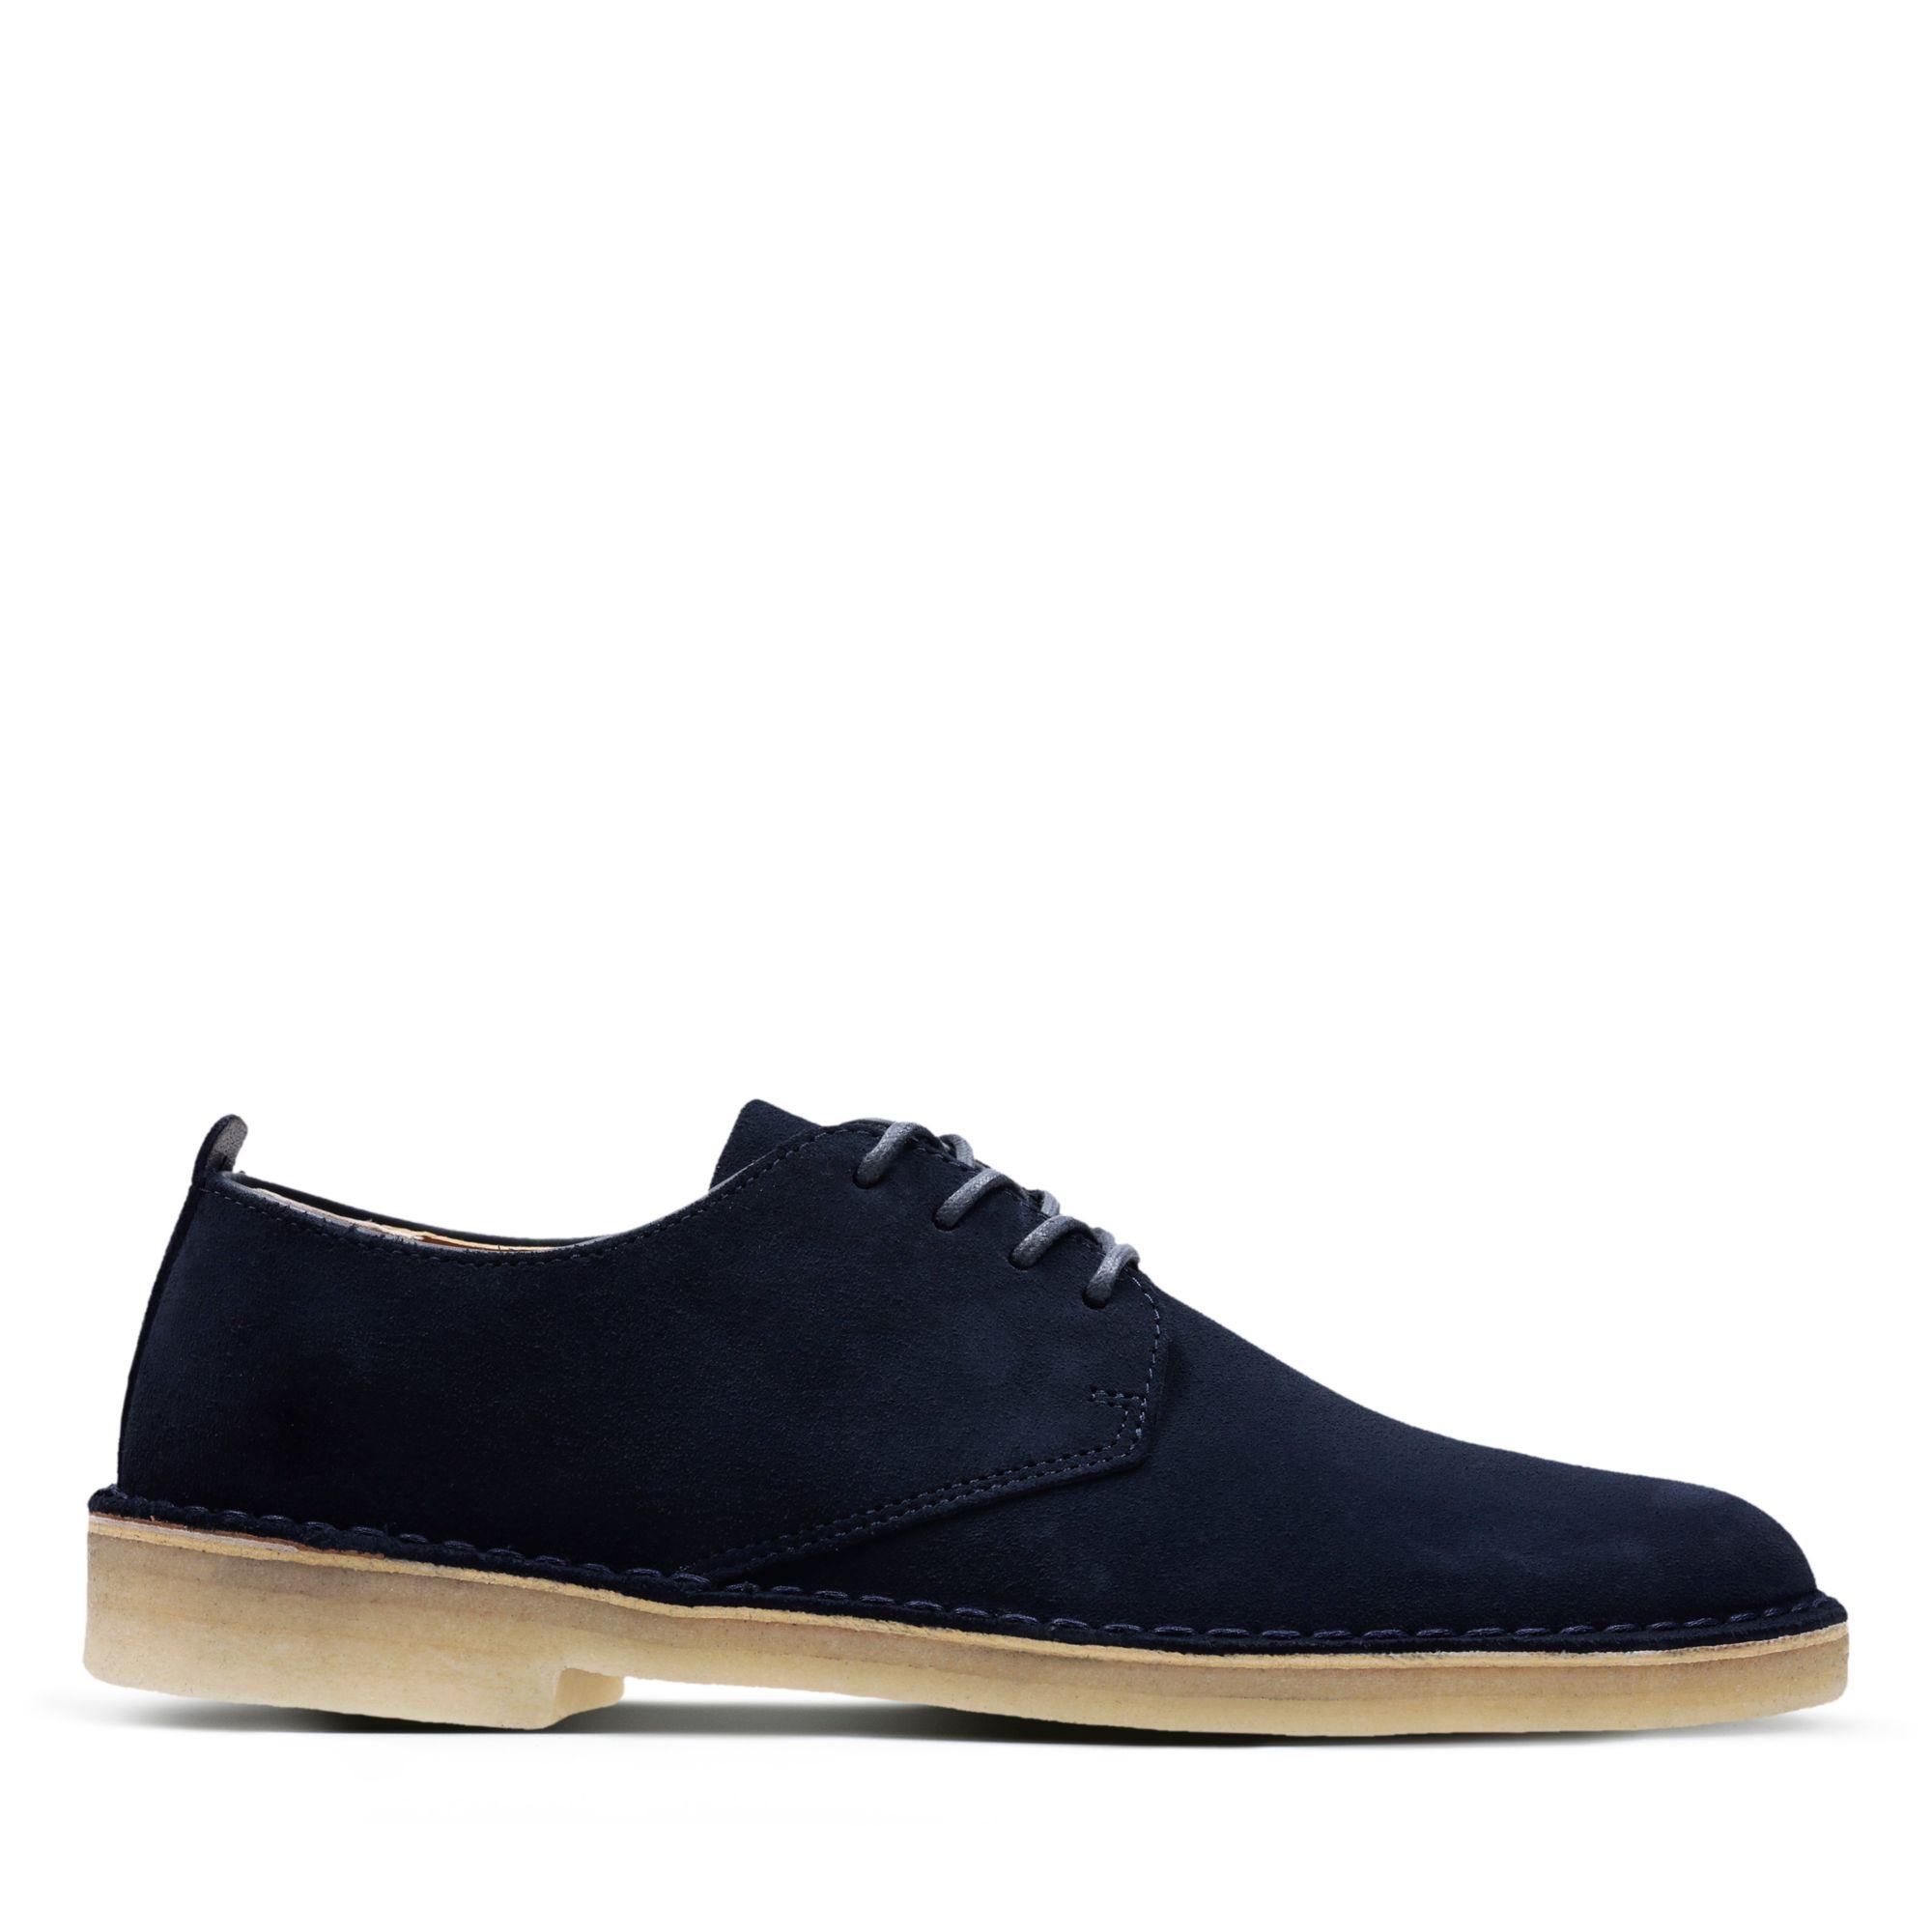 Mens Vintage Style Shoes| Retro Classic Shoes Desert London £100.00 AT vintagedancer.com